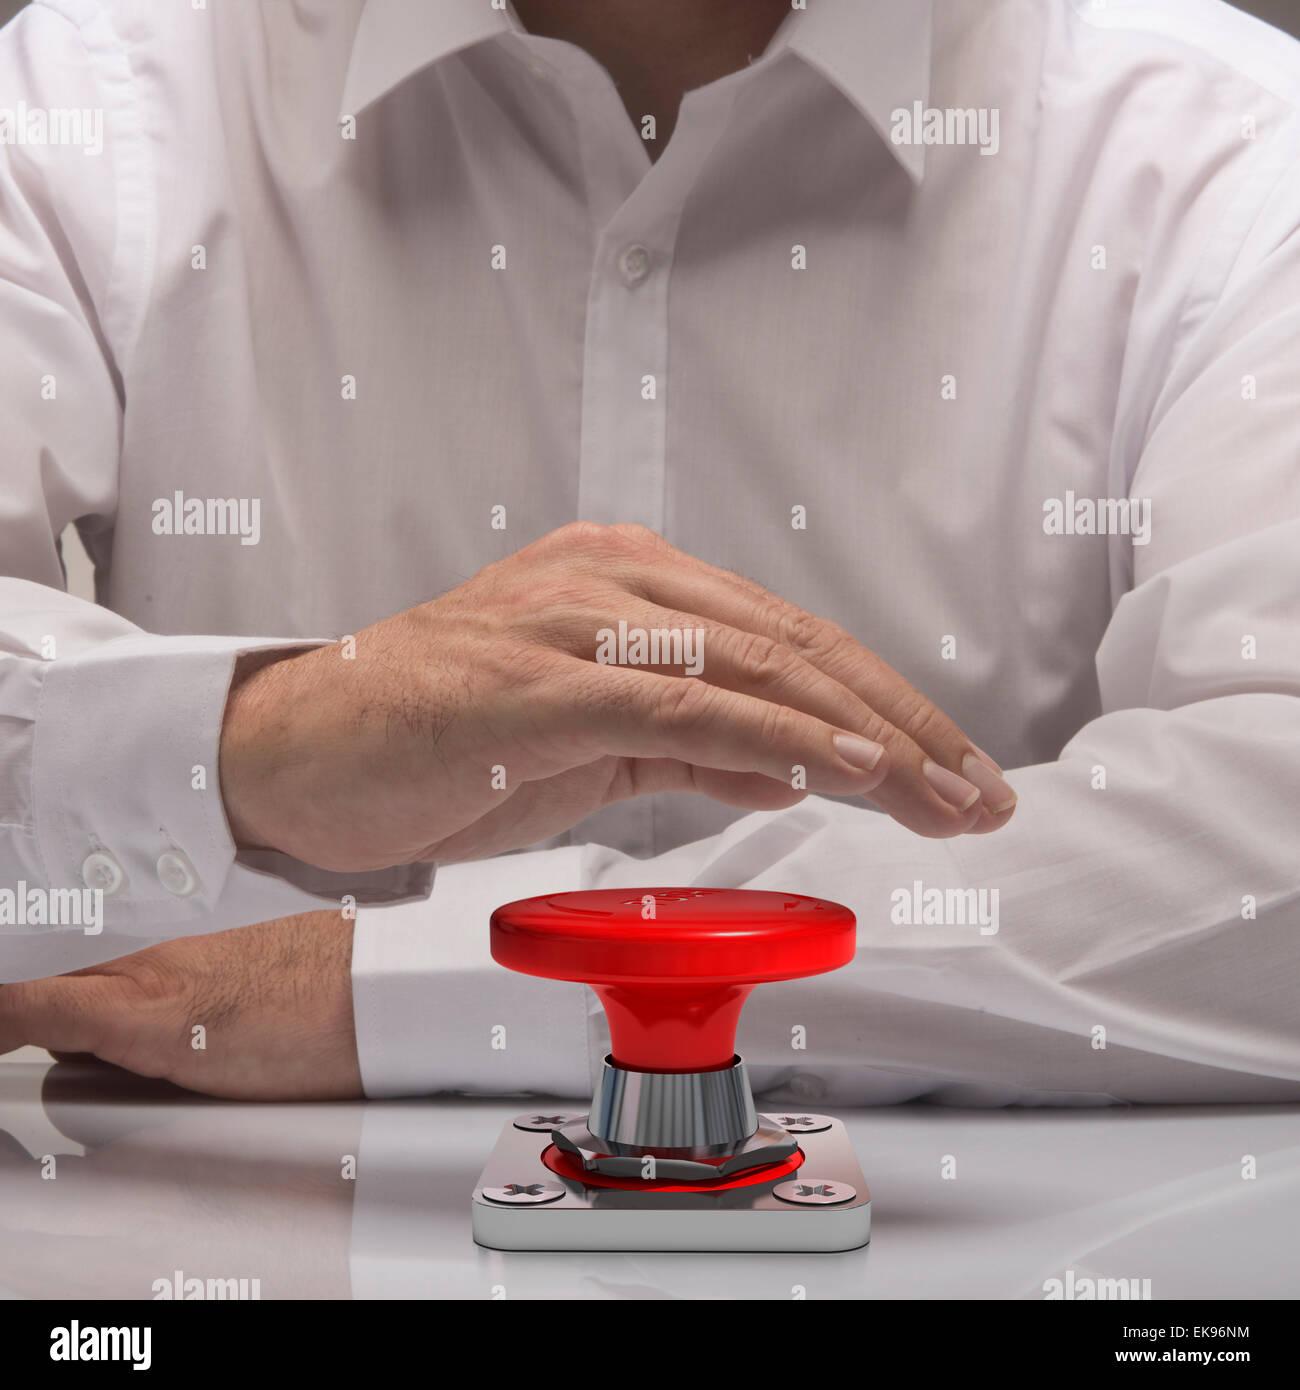 Mano empujando el botón de emergencia, camisa blanca y reflexión. Símbolo de urgencia y resolución Imagen De Stock